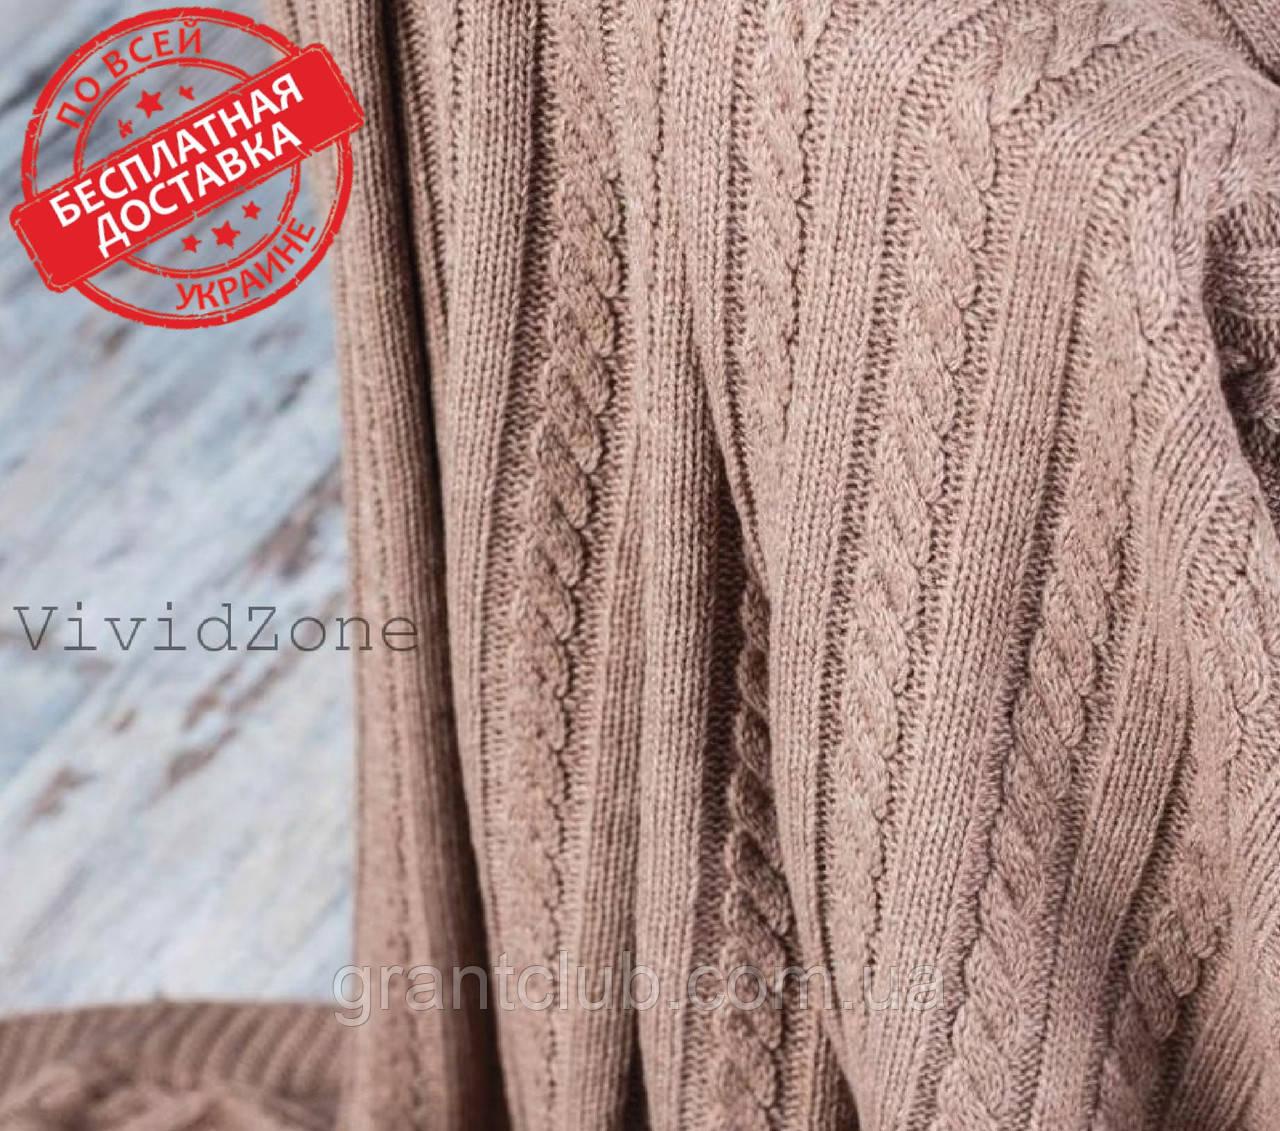 Покрывало вязаное КЛАССИК 200x210 капучино Vividzone (бесплатная доставка)